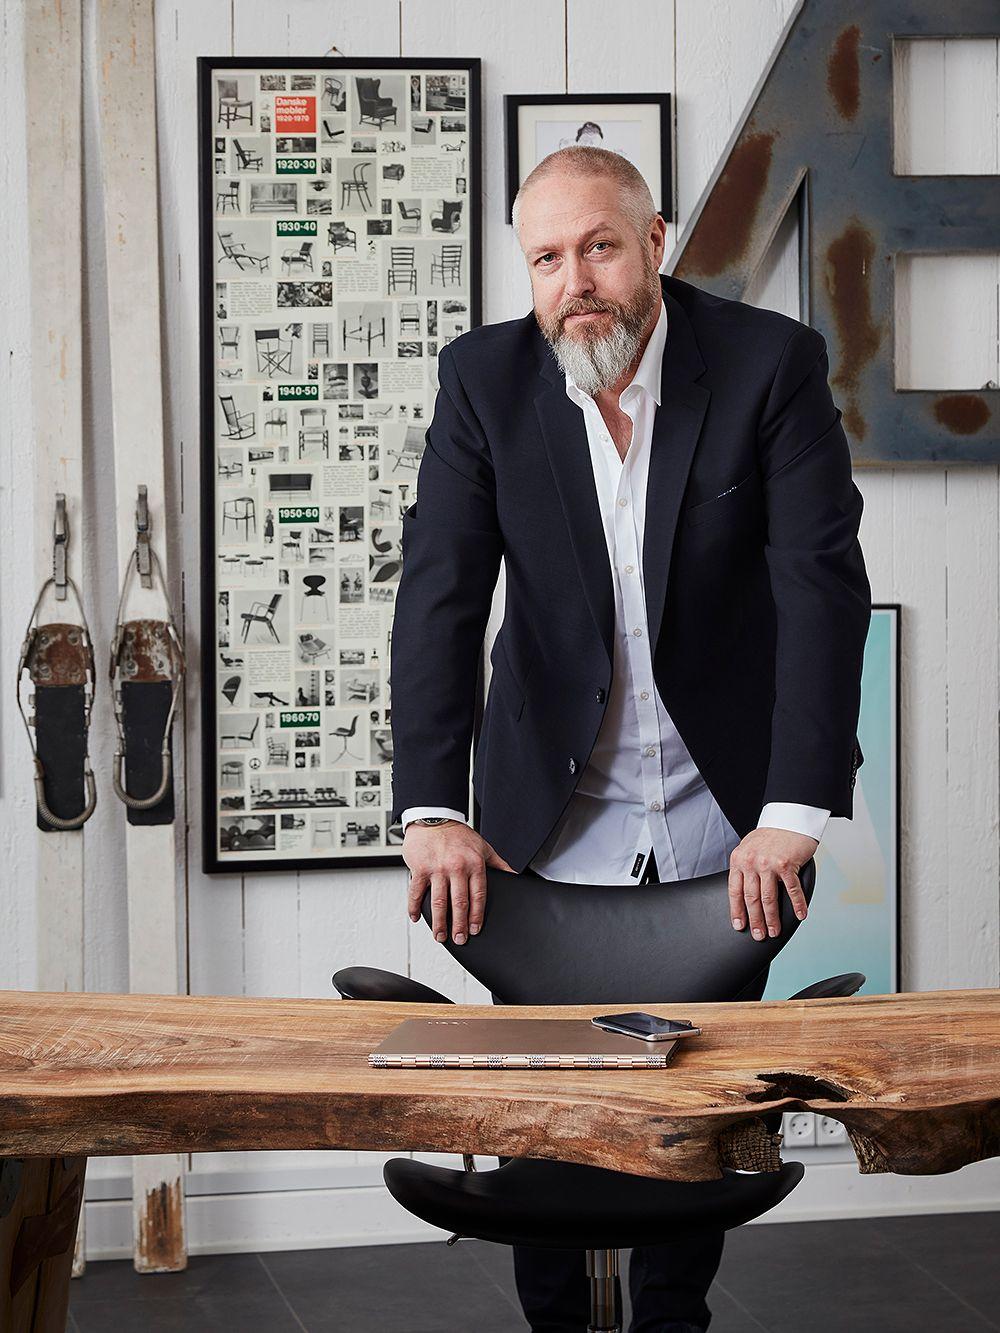 Le Klint CEO Kim Weckstrøm Jensen